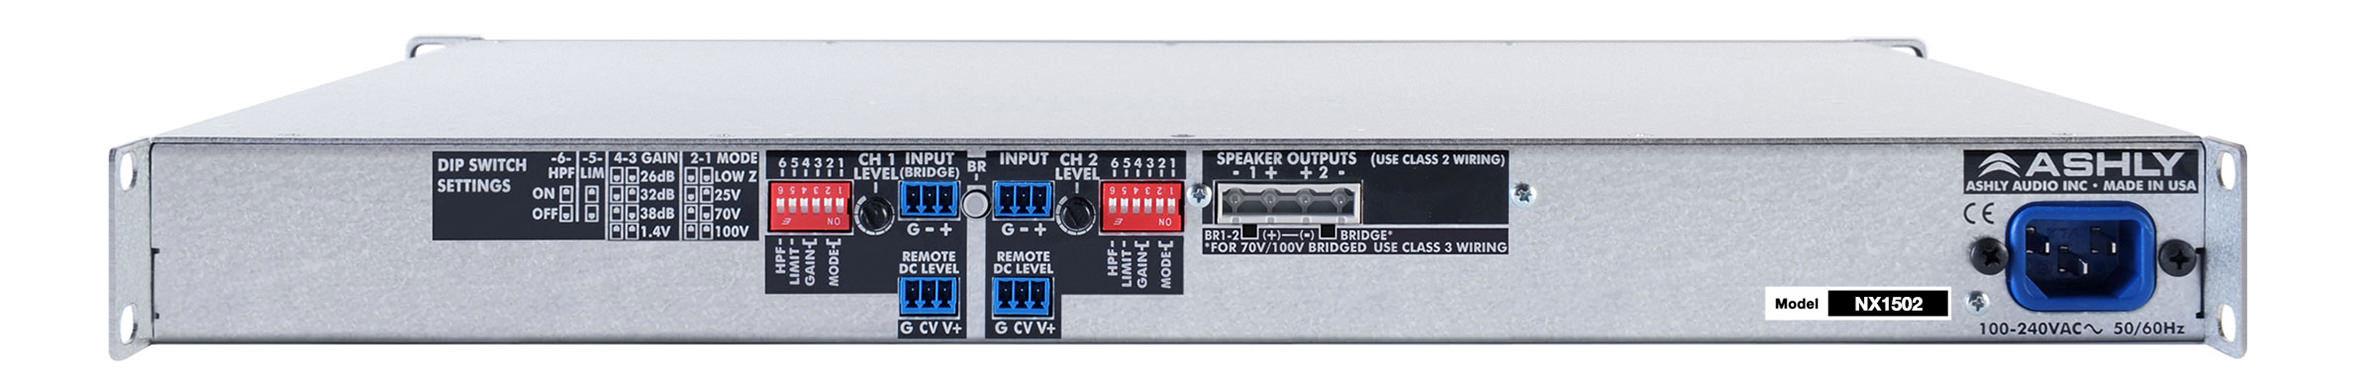 Ashly Nx1502 1ru Audio Power Amplifier 2 Channel X 150 Watts Class Wiring